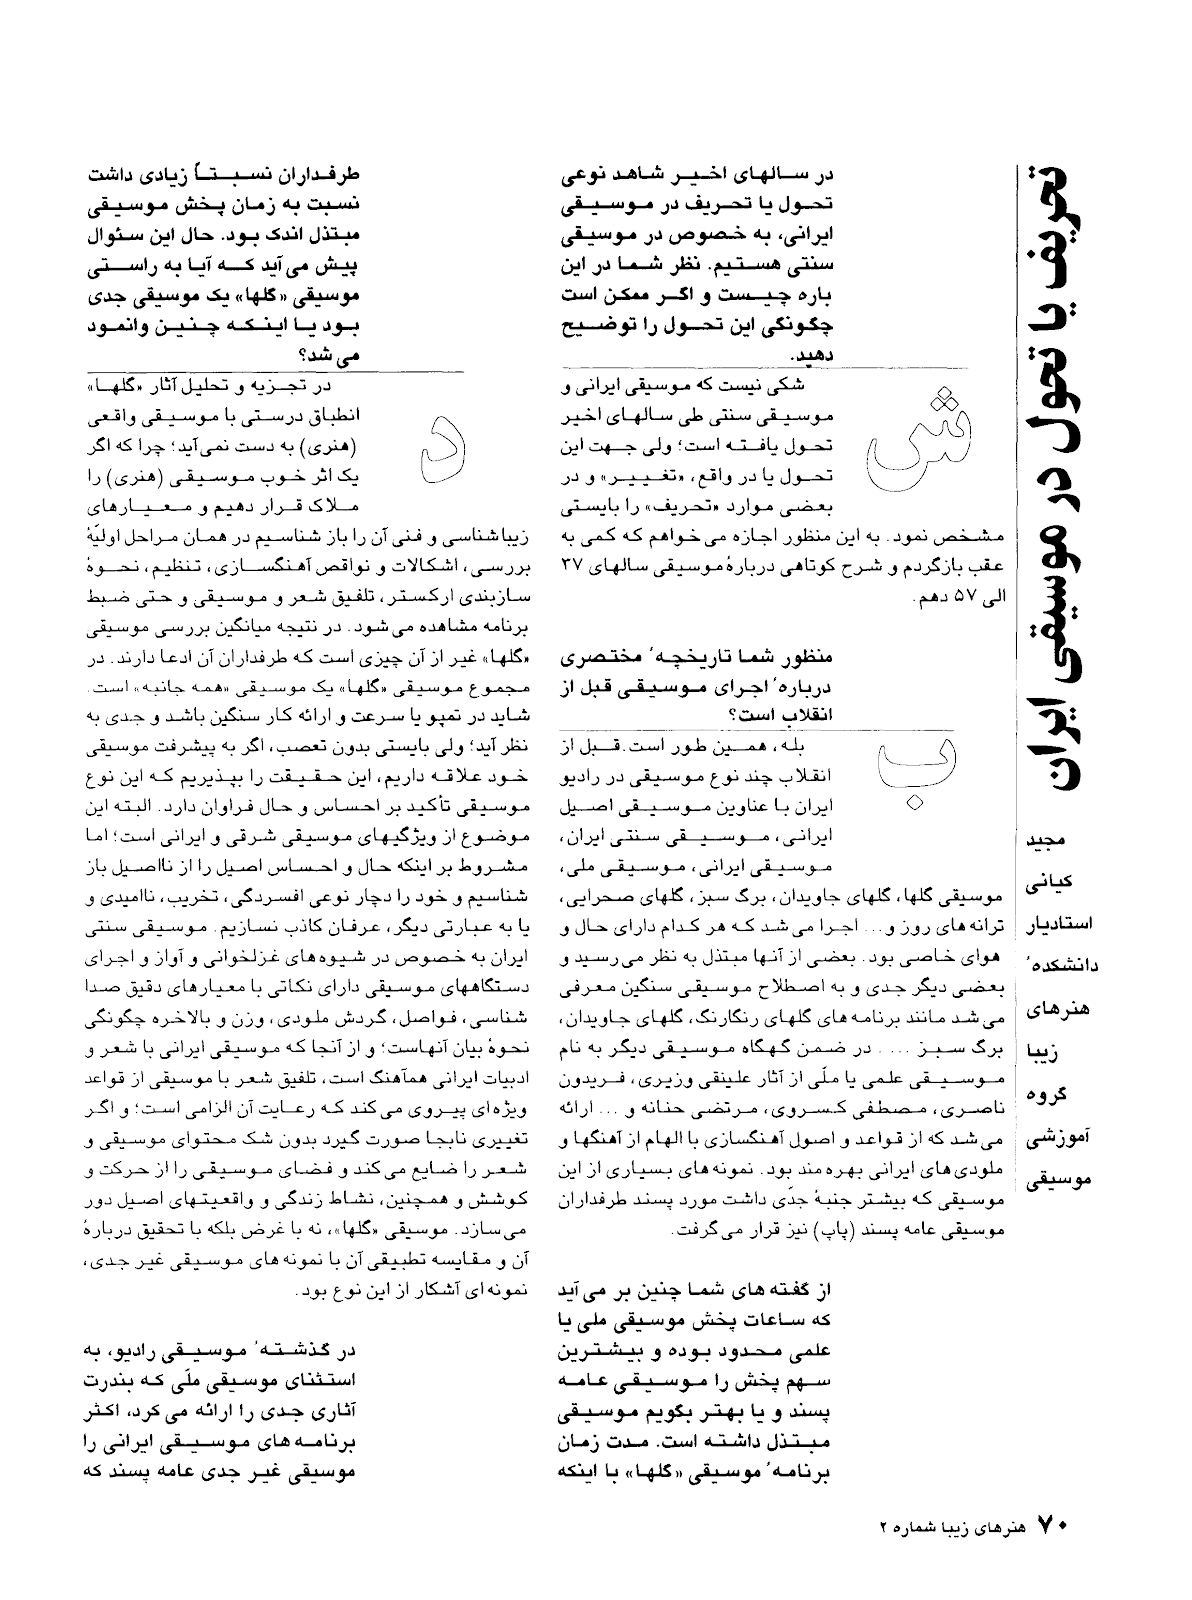 دانلود پیدیاف مقالهی تحریف یا تحول در موسیقی ایران مجید کیانی